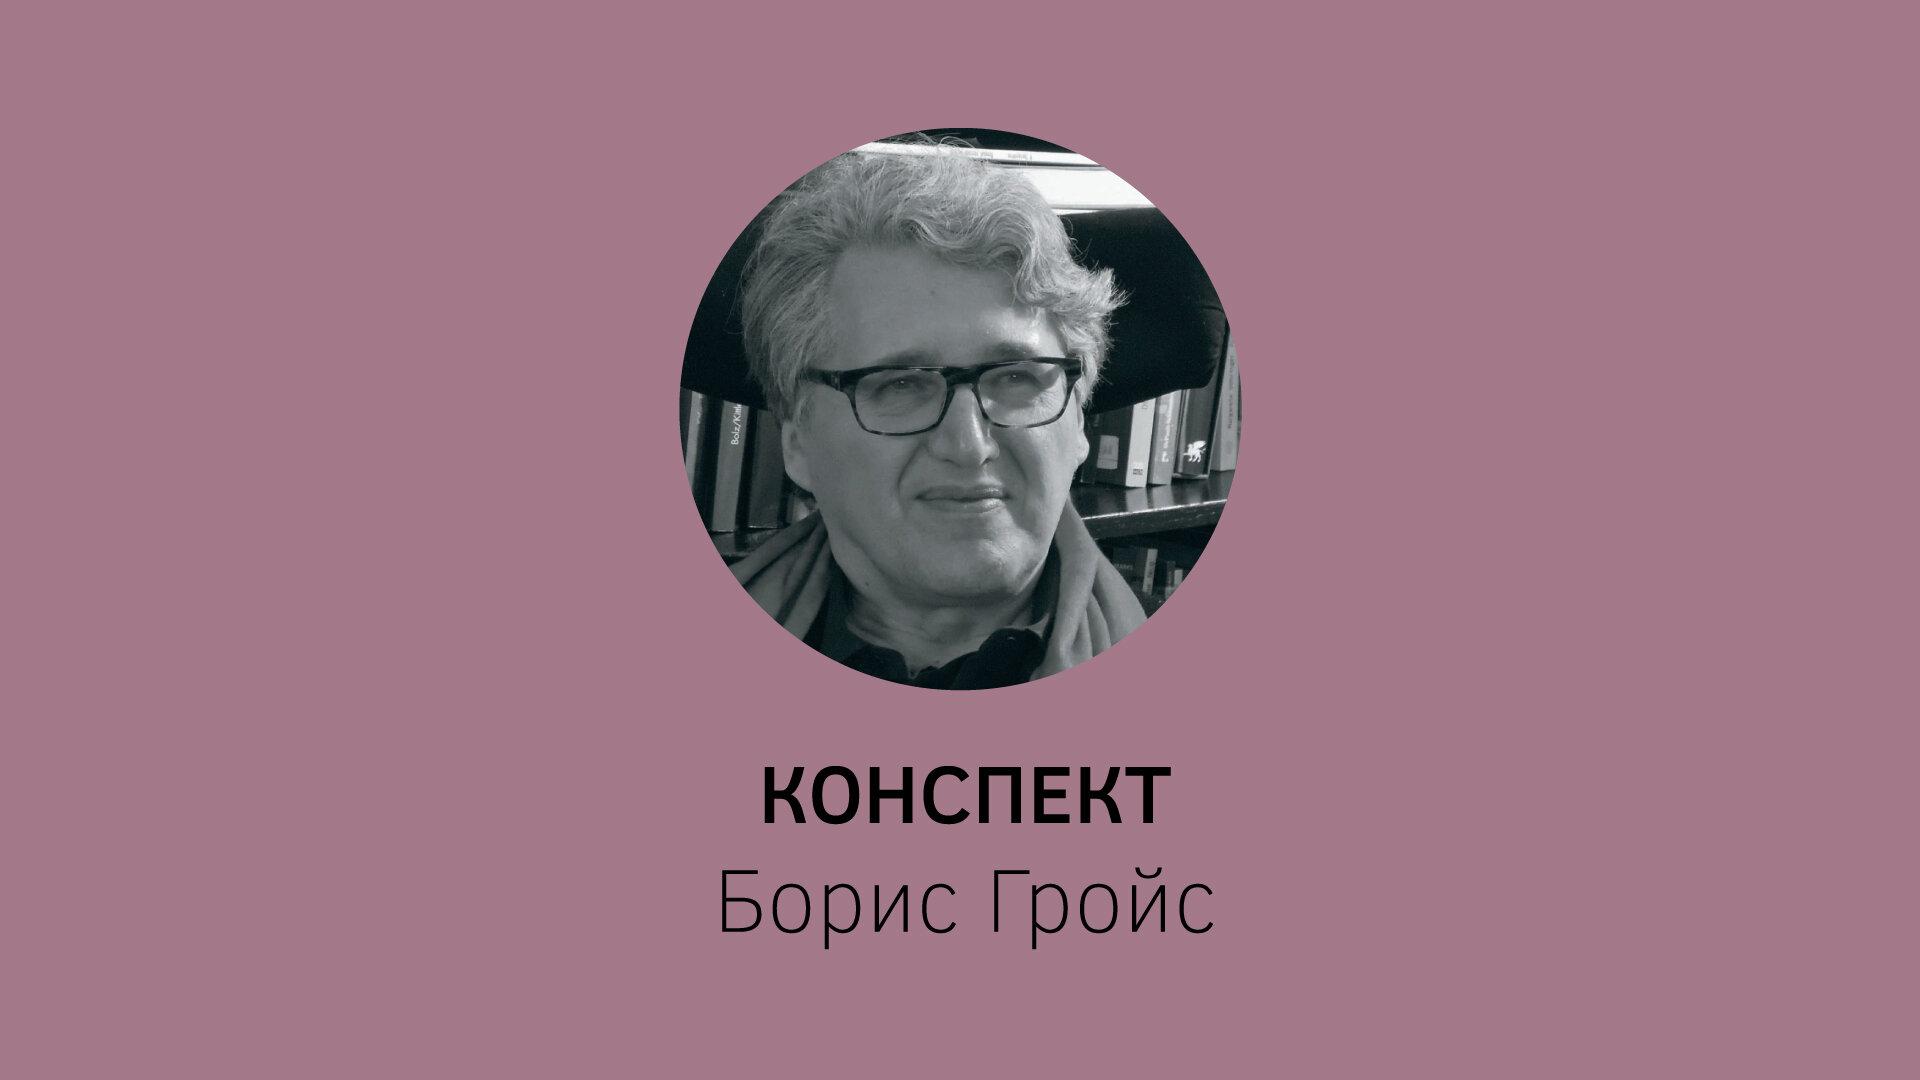 Борис Гройс: «Искусство состоит из беспрерывных закрытий перспектив и возможностей»